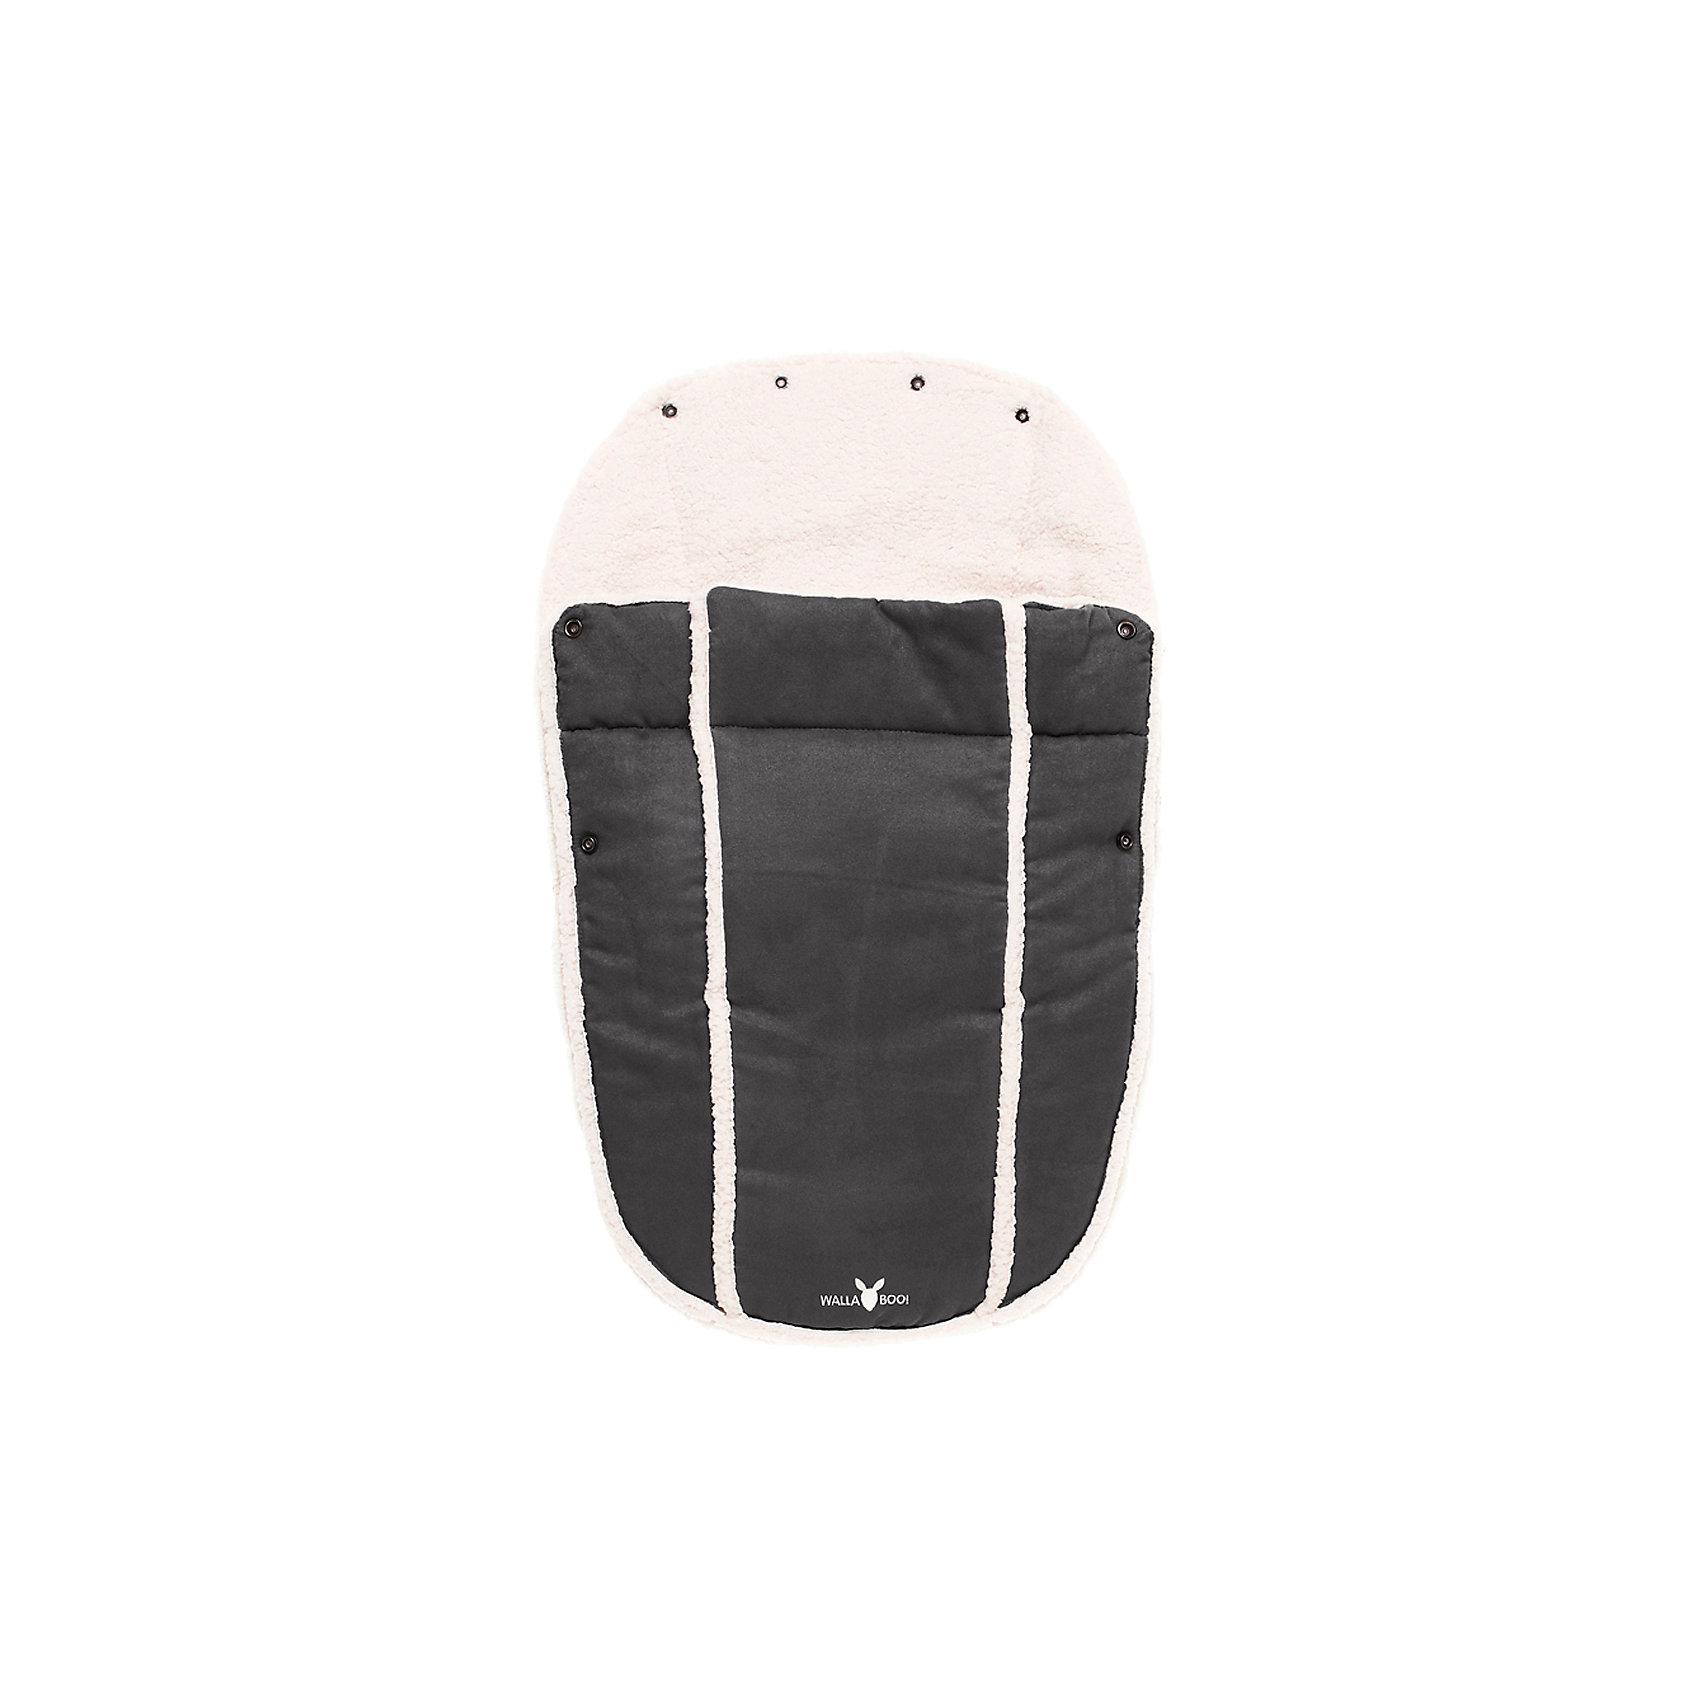 Муфта-конверт в автокресло, Wallaboo, черныйАксессуары<br>Характеристики:<br><br>• конверт предназначен для детей от рождения до 1 года;<br>• материал верха: микроволокнистая замша, материал внутри: плюш, наполнитель: синтепон 120 г;<br>• конверт используется для автокресел группы 0+, колясок-люлек;<br>• верхняя часть конверта отстегивается, конверт можно применять как мягкий вкладыш;<br>• конверт с капюшоном на кнопках;<br>• имеются прорези для ремней безопасности;<br>• конверт застегивается на боковые молнии, которые расположены по всей длине муфты;<br>• размер конверта-муфты: 42х72 см;<br>• размер упаковки: 50х35х7 см;<br>• вес: 600 г.<br><br>Муфта-конверт в автокресло, Wallaboo, черный можно купить в нашем интернет-магазине.<br><br>Ширина мм: 800<br>Глубина мм: 800<br>Высота мм: 50<br>Вес г: 500<br>Возраст от месяцев: 0<br>Возраст до месяцев: 12<br>Пол: Унисекс<br>Возраст: Детский<br>SKU: 5445054